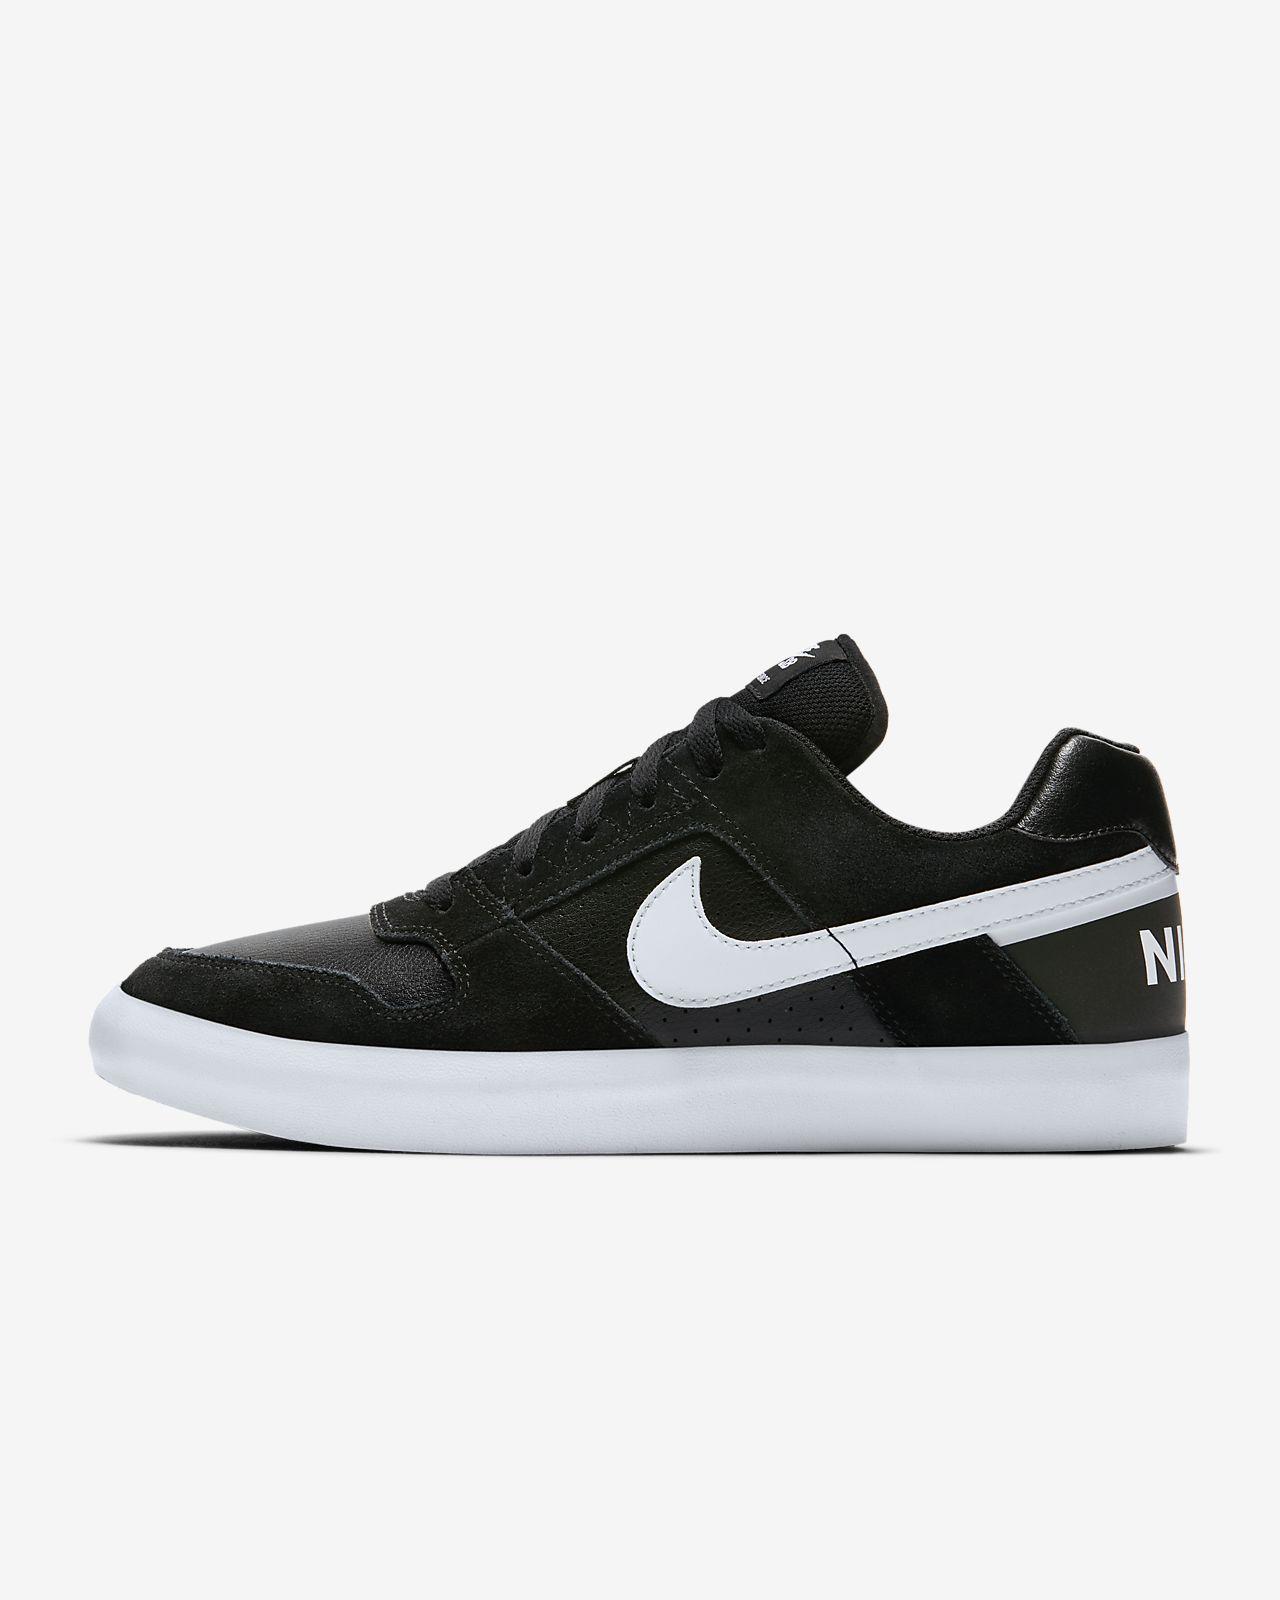 Skateboardsko Nike SB Delta Force Vulc för män